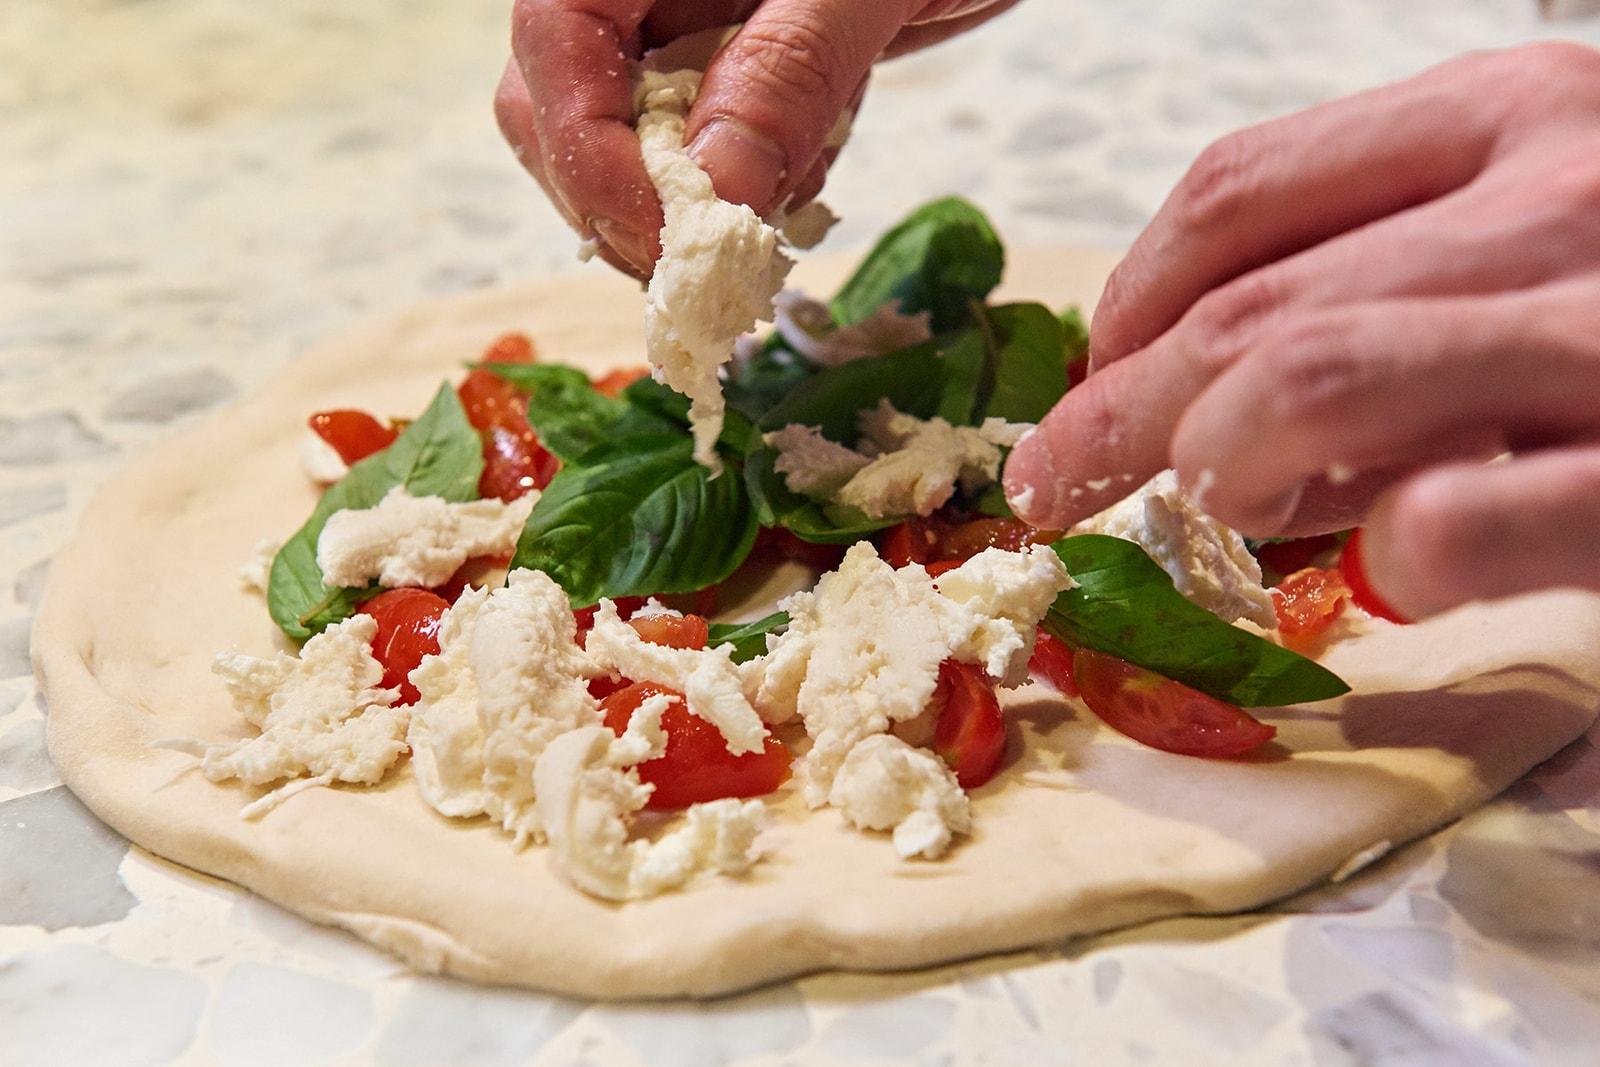 최자로드 시즌 2 - 피자 위스키 '피스키' 서래마을 볼라레 나폴리 피자